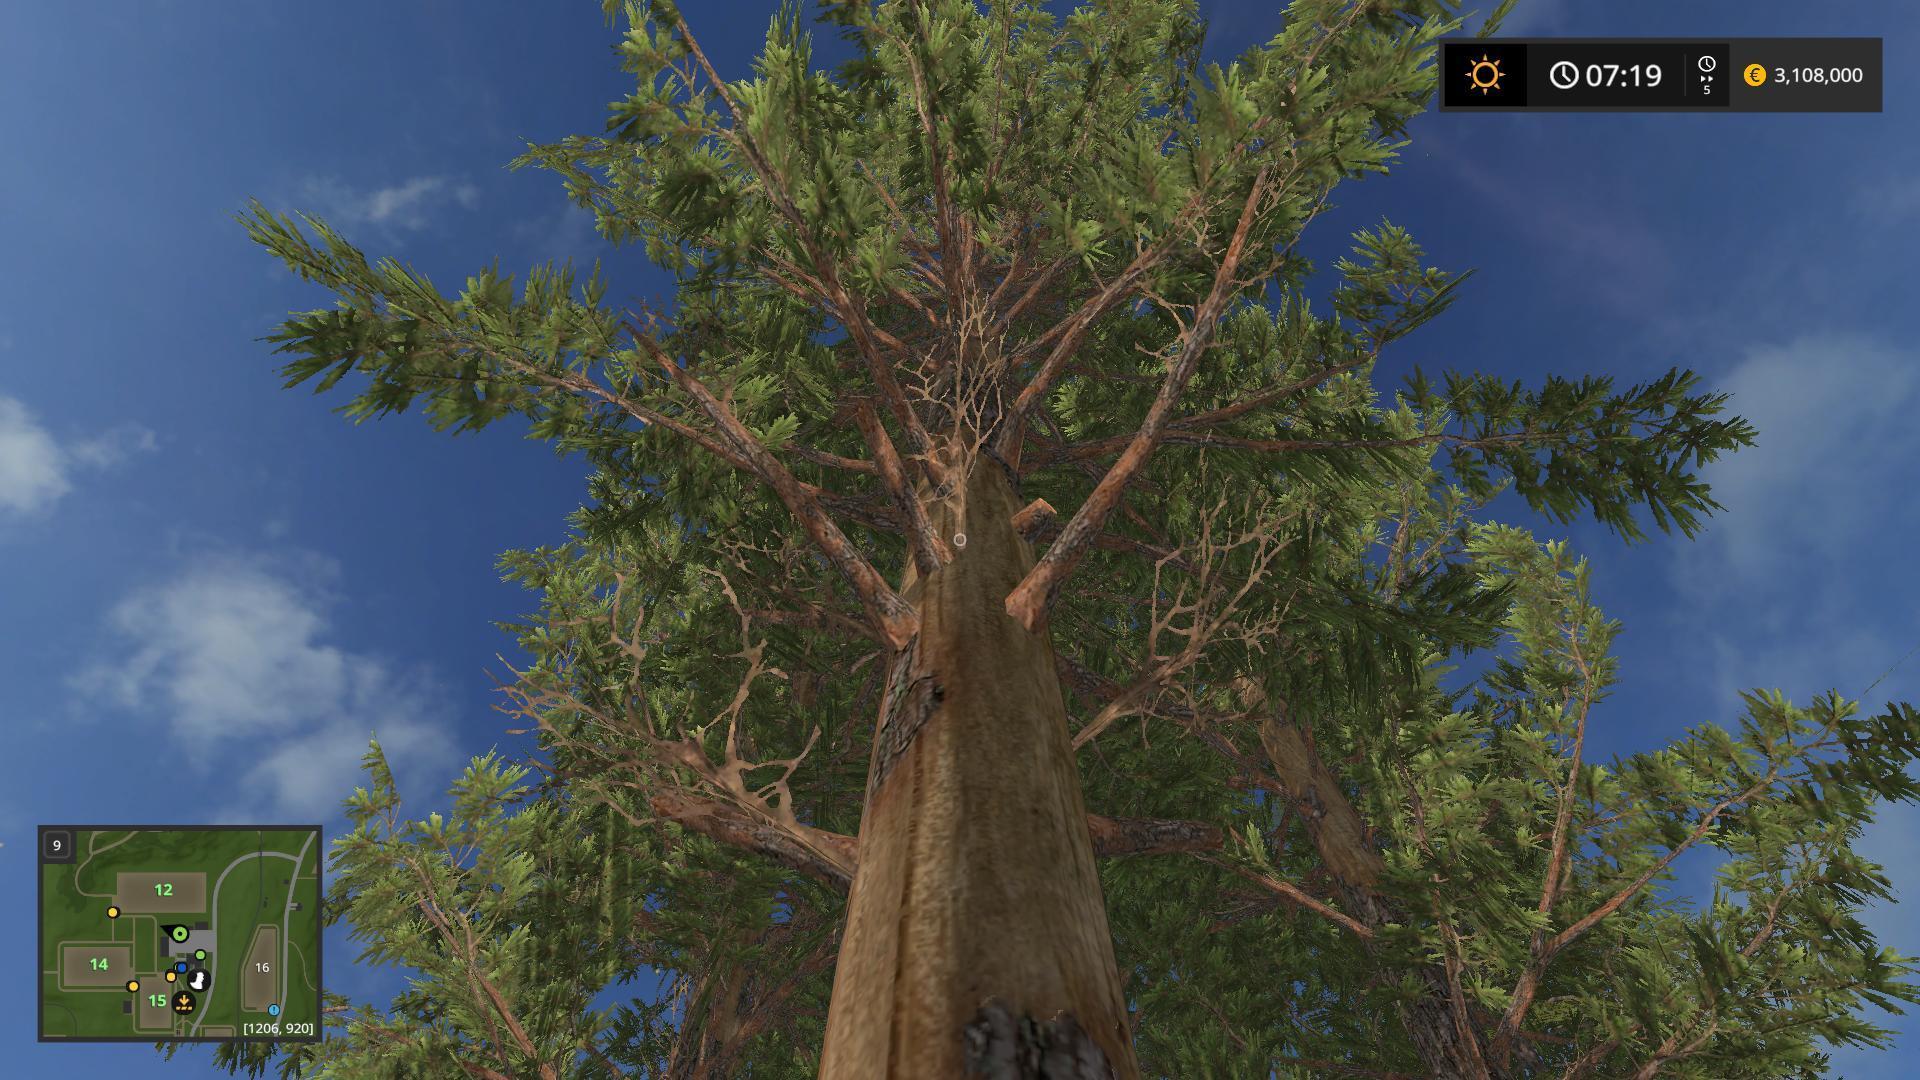 TALL PINE TREES V1.0 for FS 2017 - Farming Simulator 2017 ...